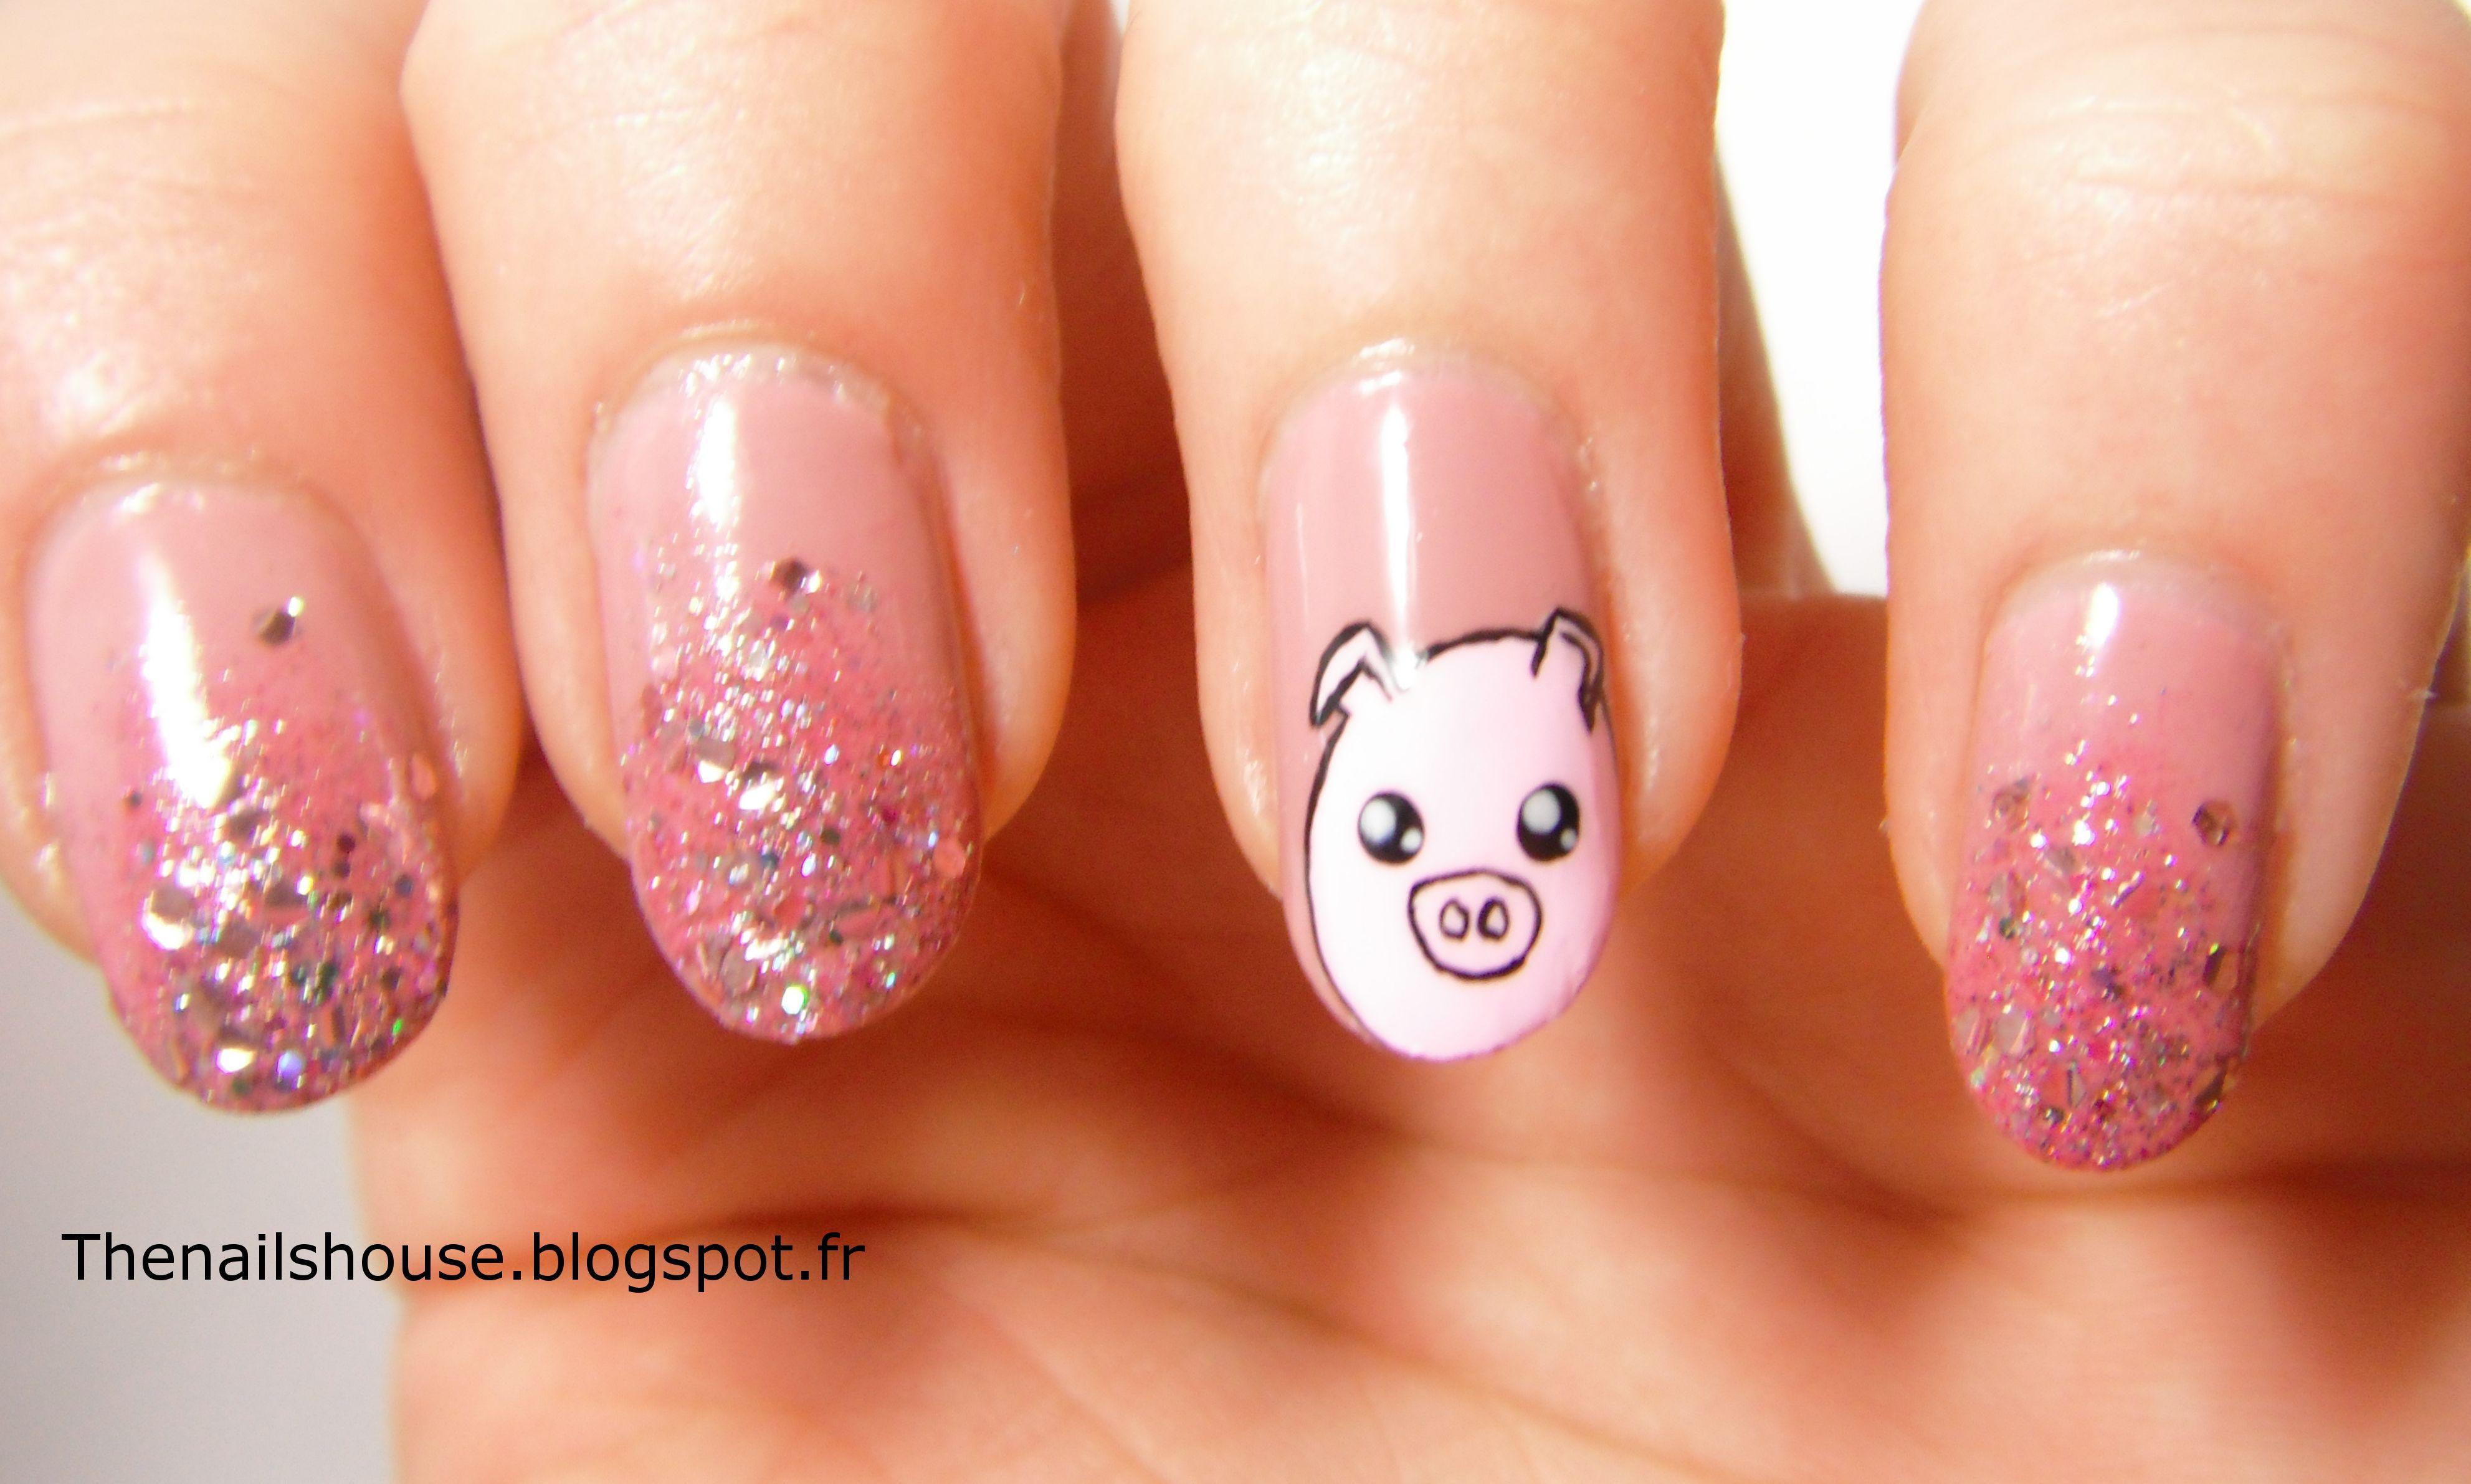 pig nail art | Our Nail Art | Pinterest | Pig nail art ...